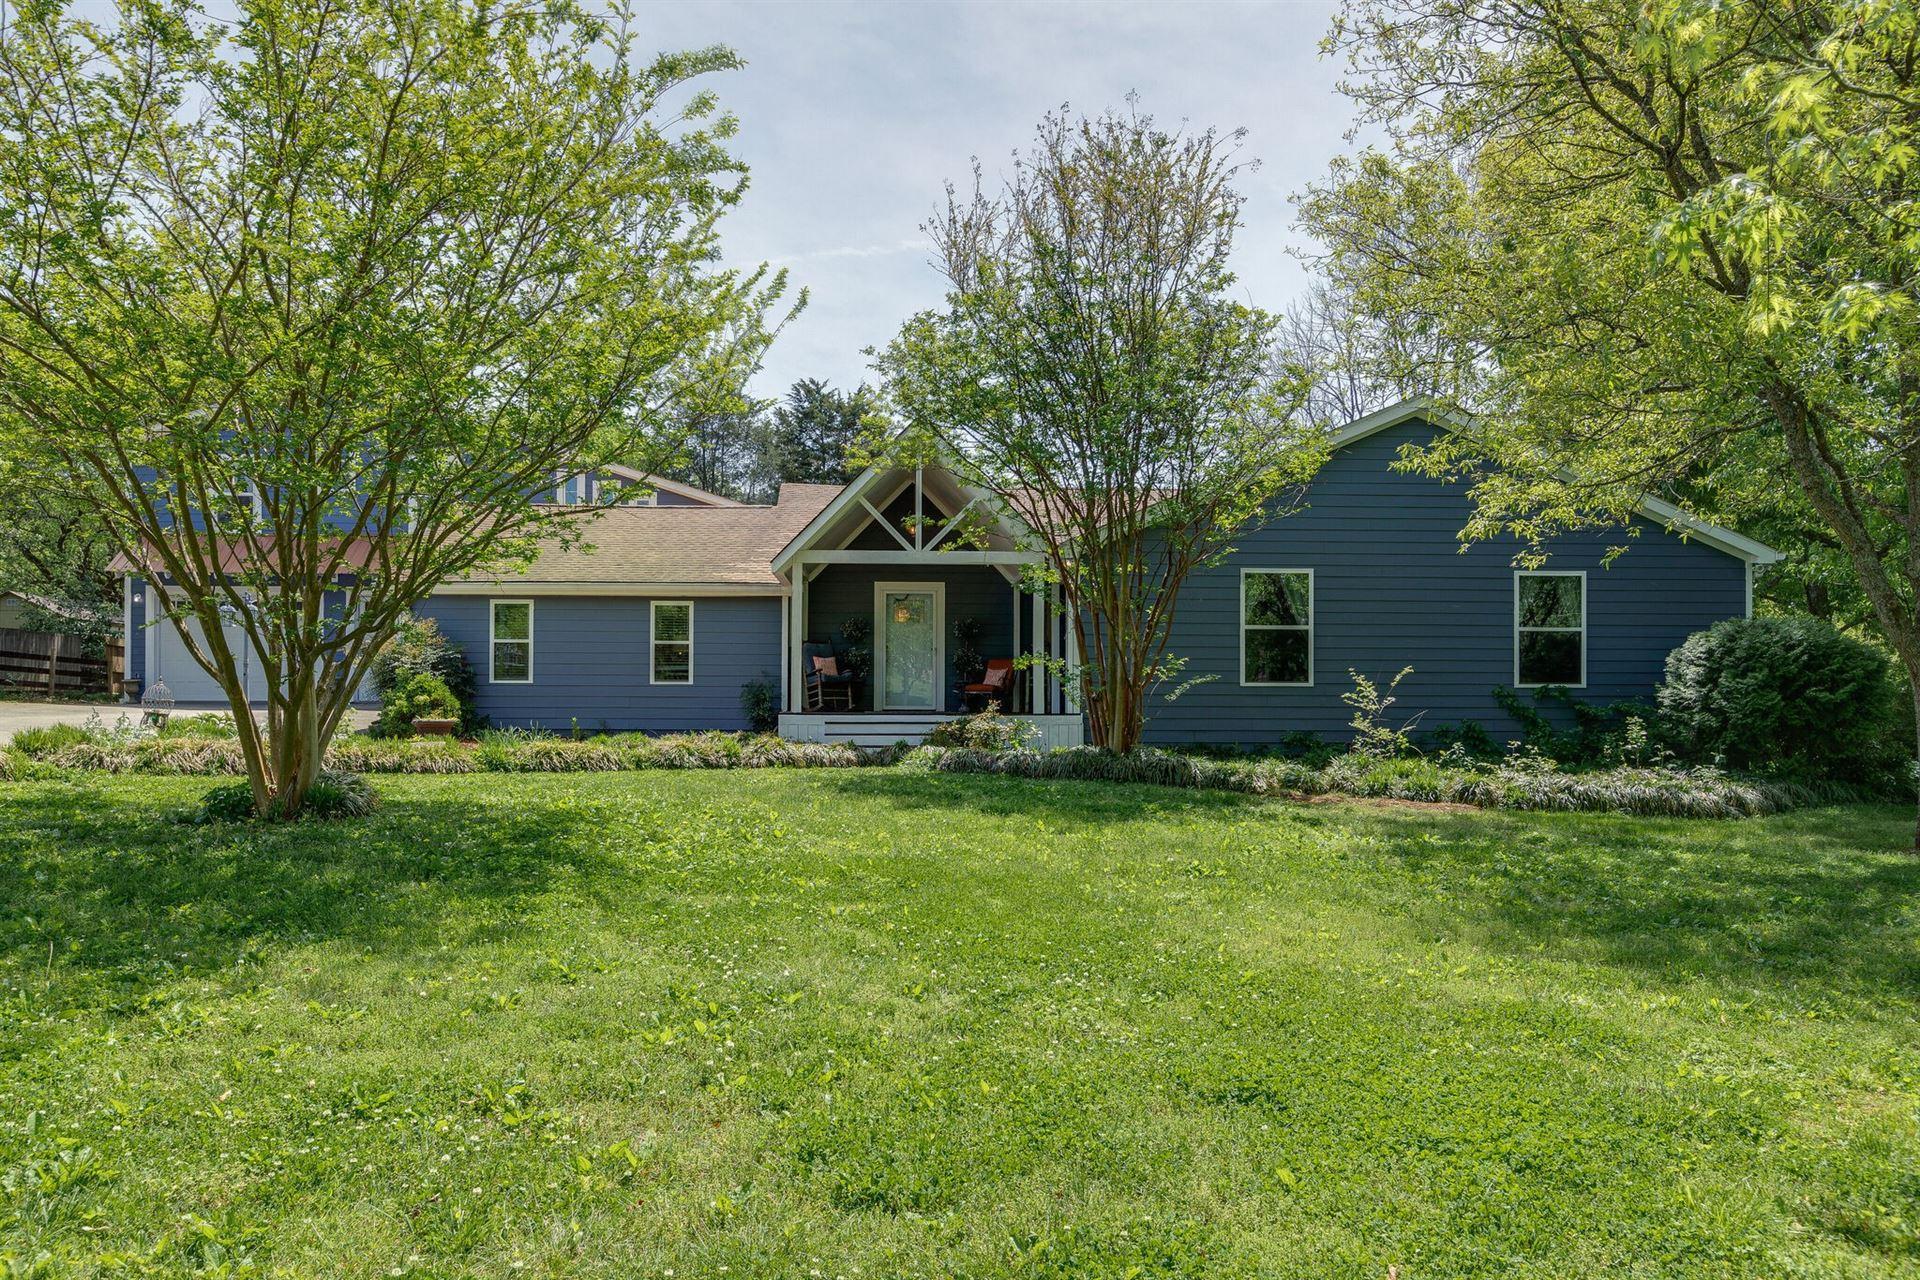 1757 Old Hillsboro Rd, Franklin, TN 37069 - MLS#: 2252301